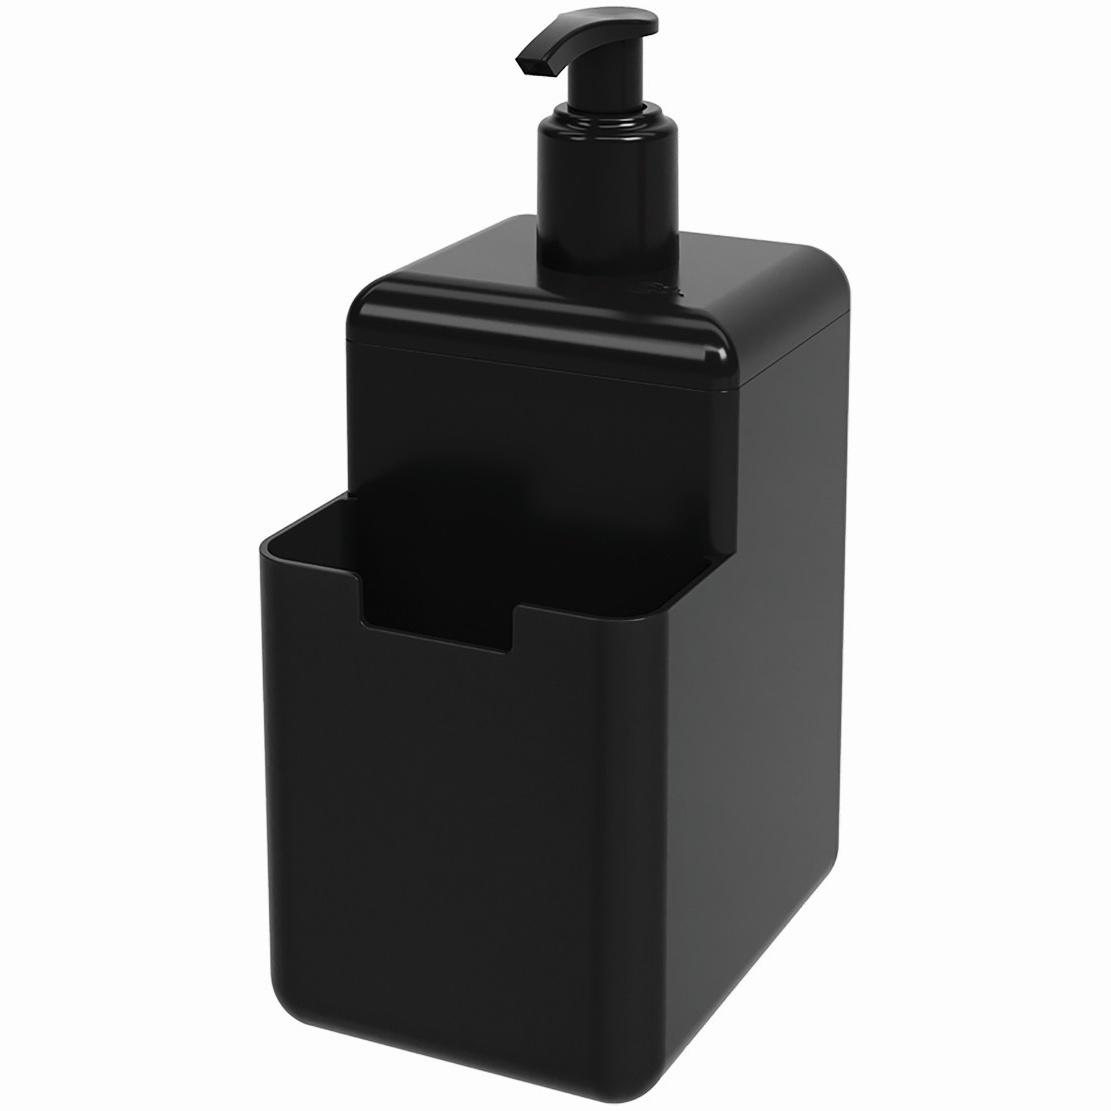 Dispenser com Suporte para Esponja Plastico 500ml Preto 170080008 - Coza